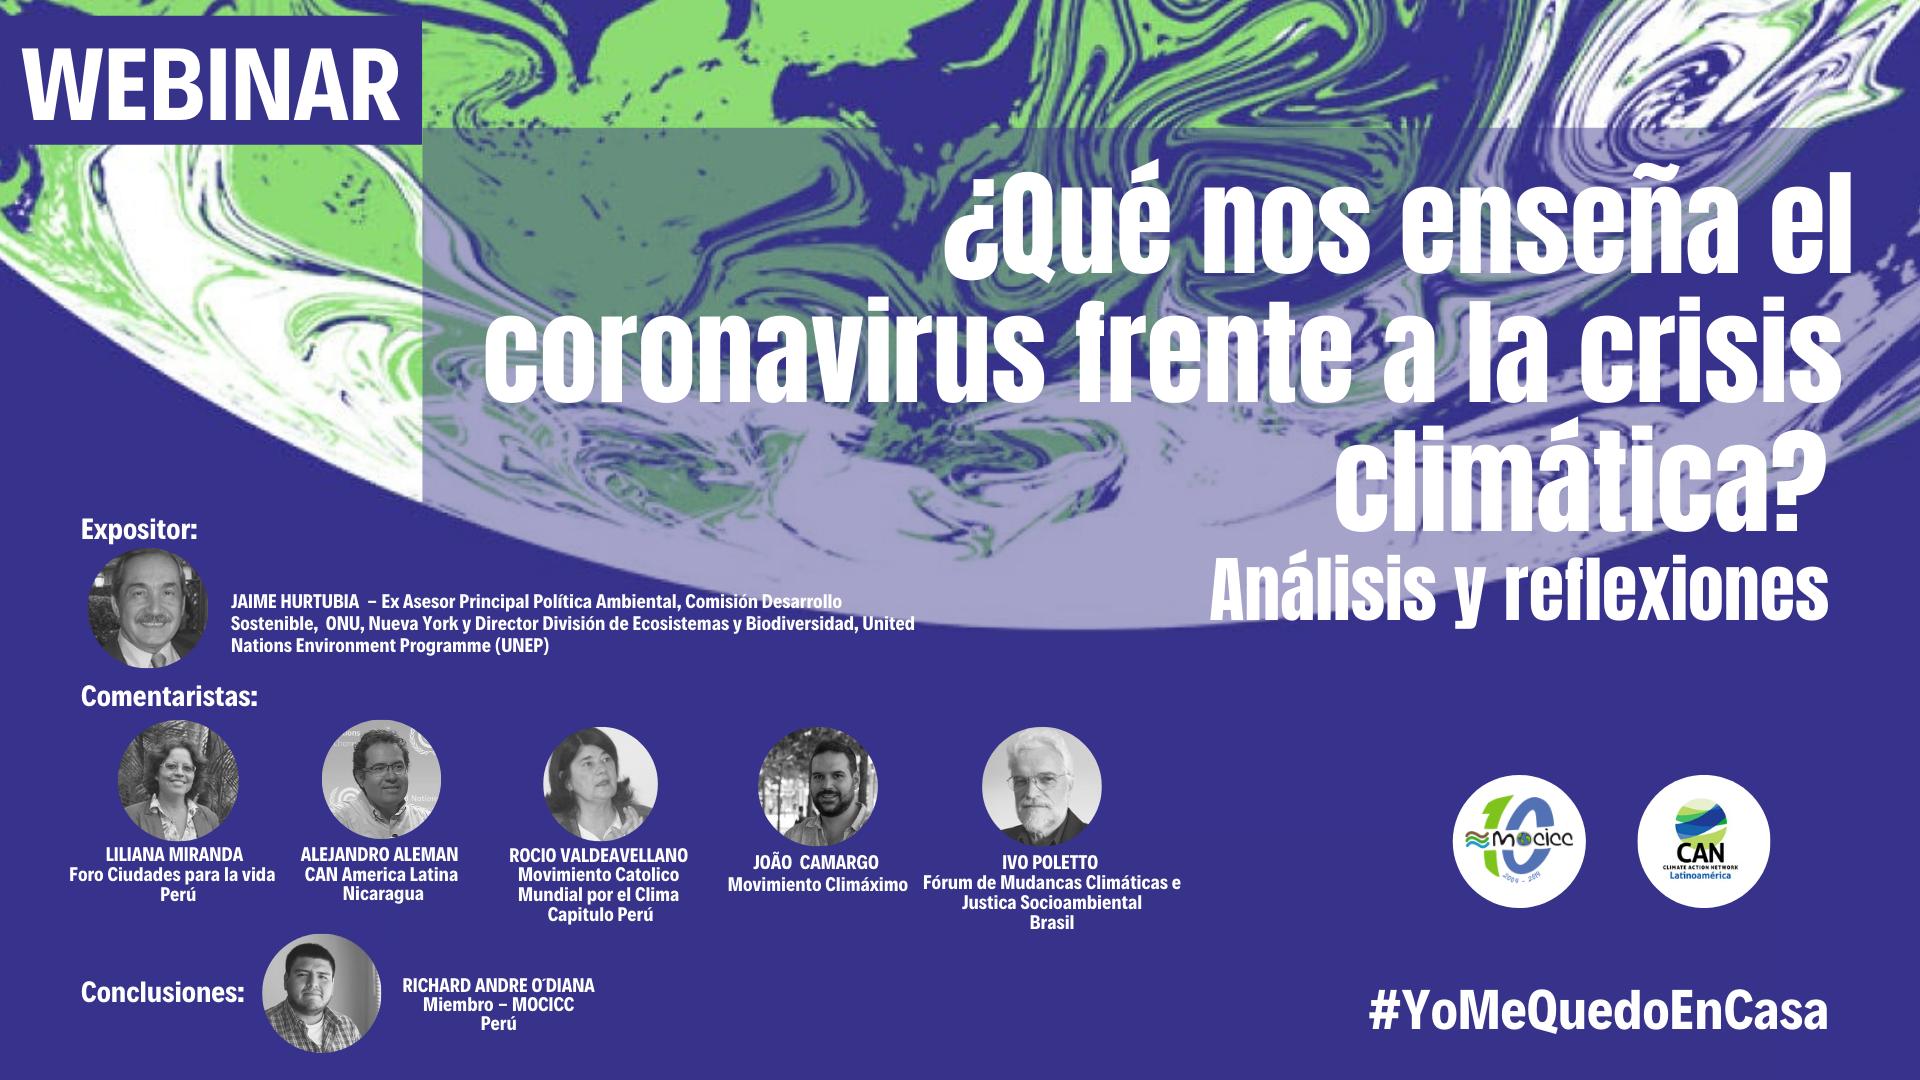 Artículo: ¿Qué nos enseña el Coronavirus frente a la crisis climática?